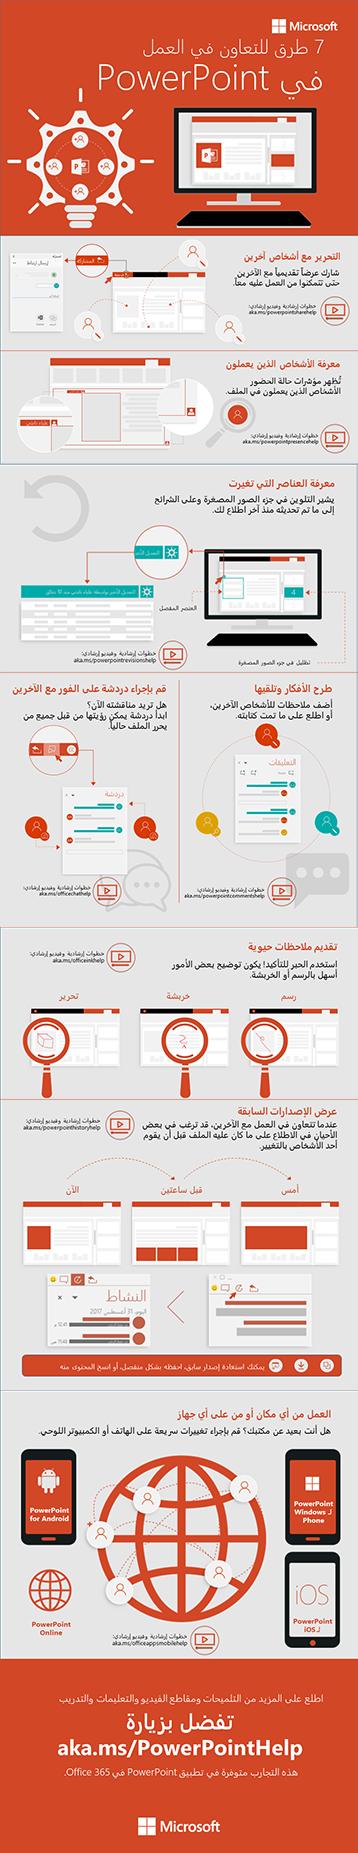 طرق للتعاون في العمل في المخطط البياني للمعلومات في PowerPoint